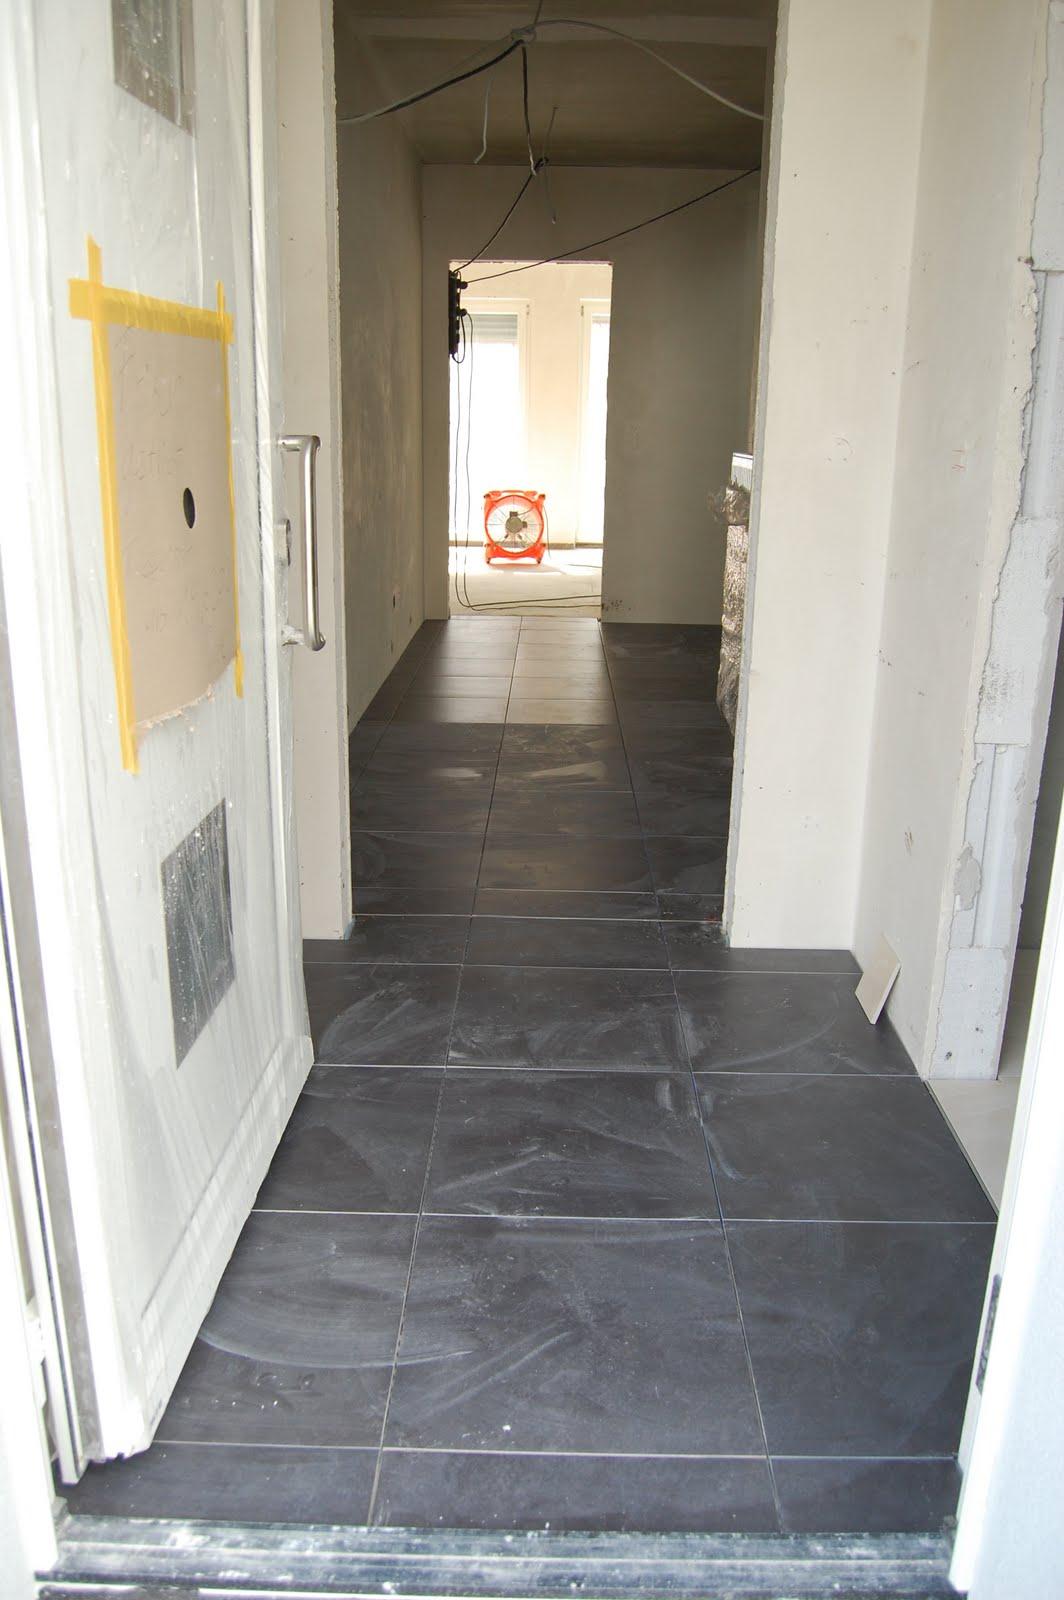 project eigenheim 2010 spachtelarbeiten fliesen und das gro e brummen. Black Bedroom Furniture Sets. Home Design Ideas